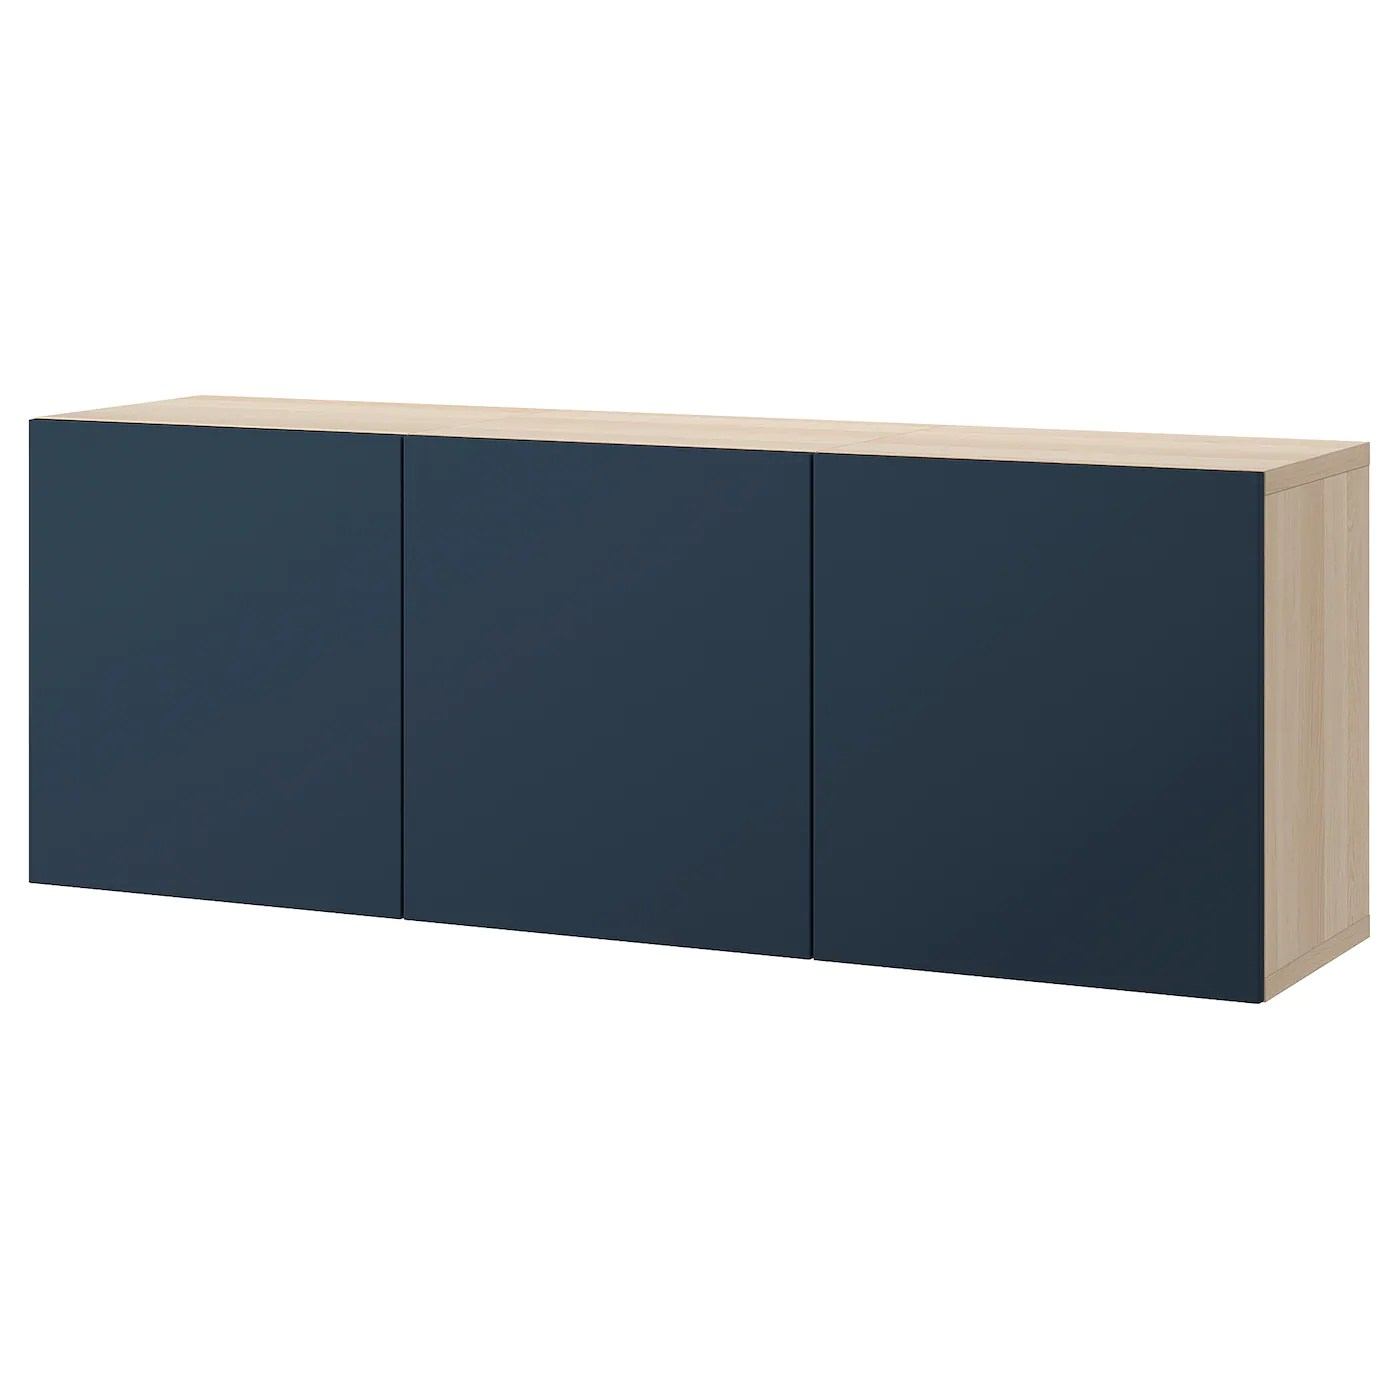 besta combinaison rangement murale effet chene blanchi notviken bleu 180x42x64 cm